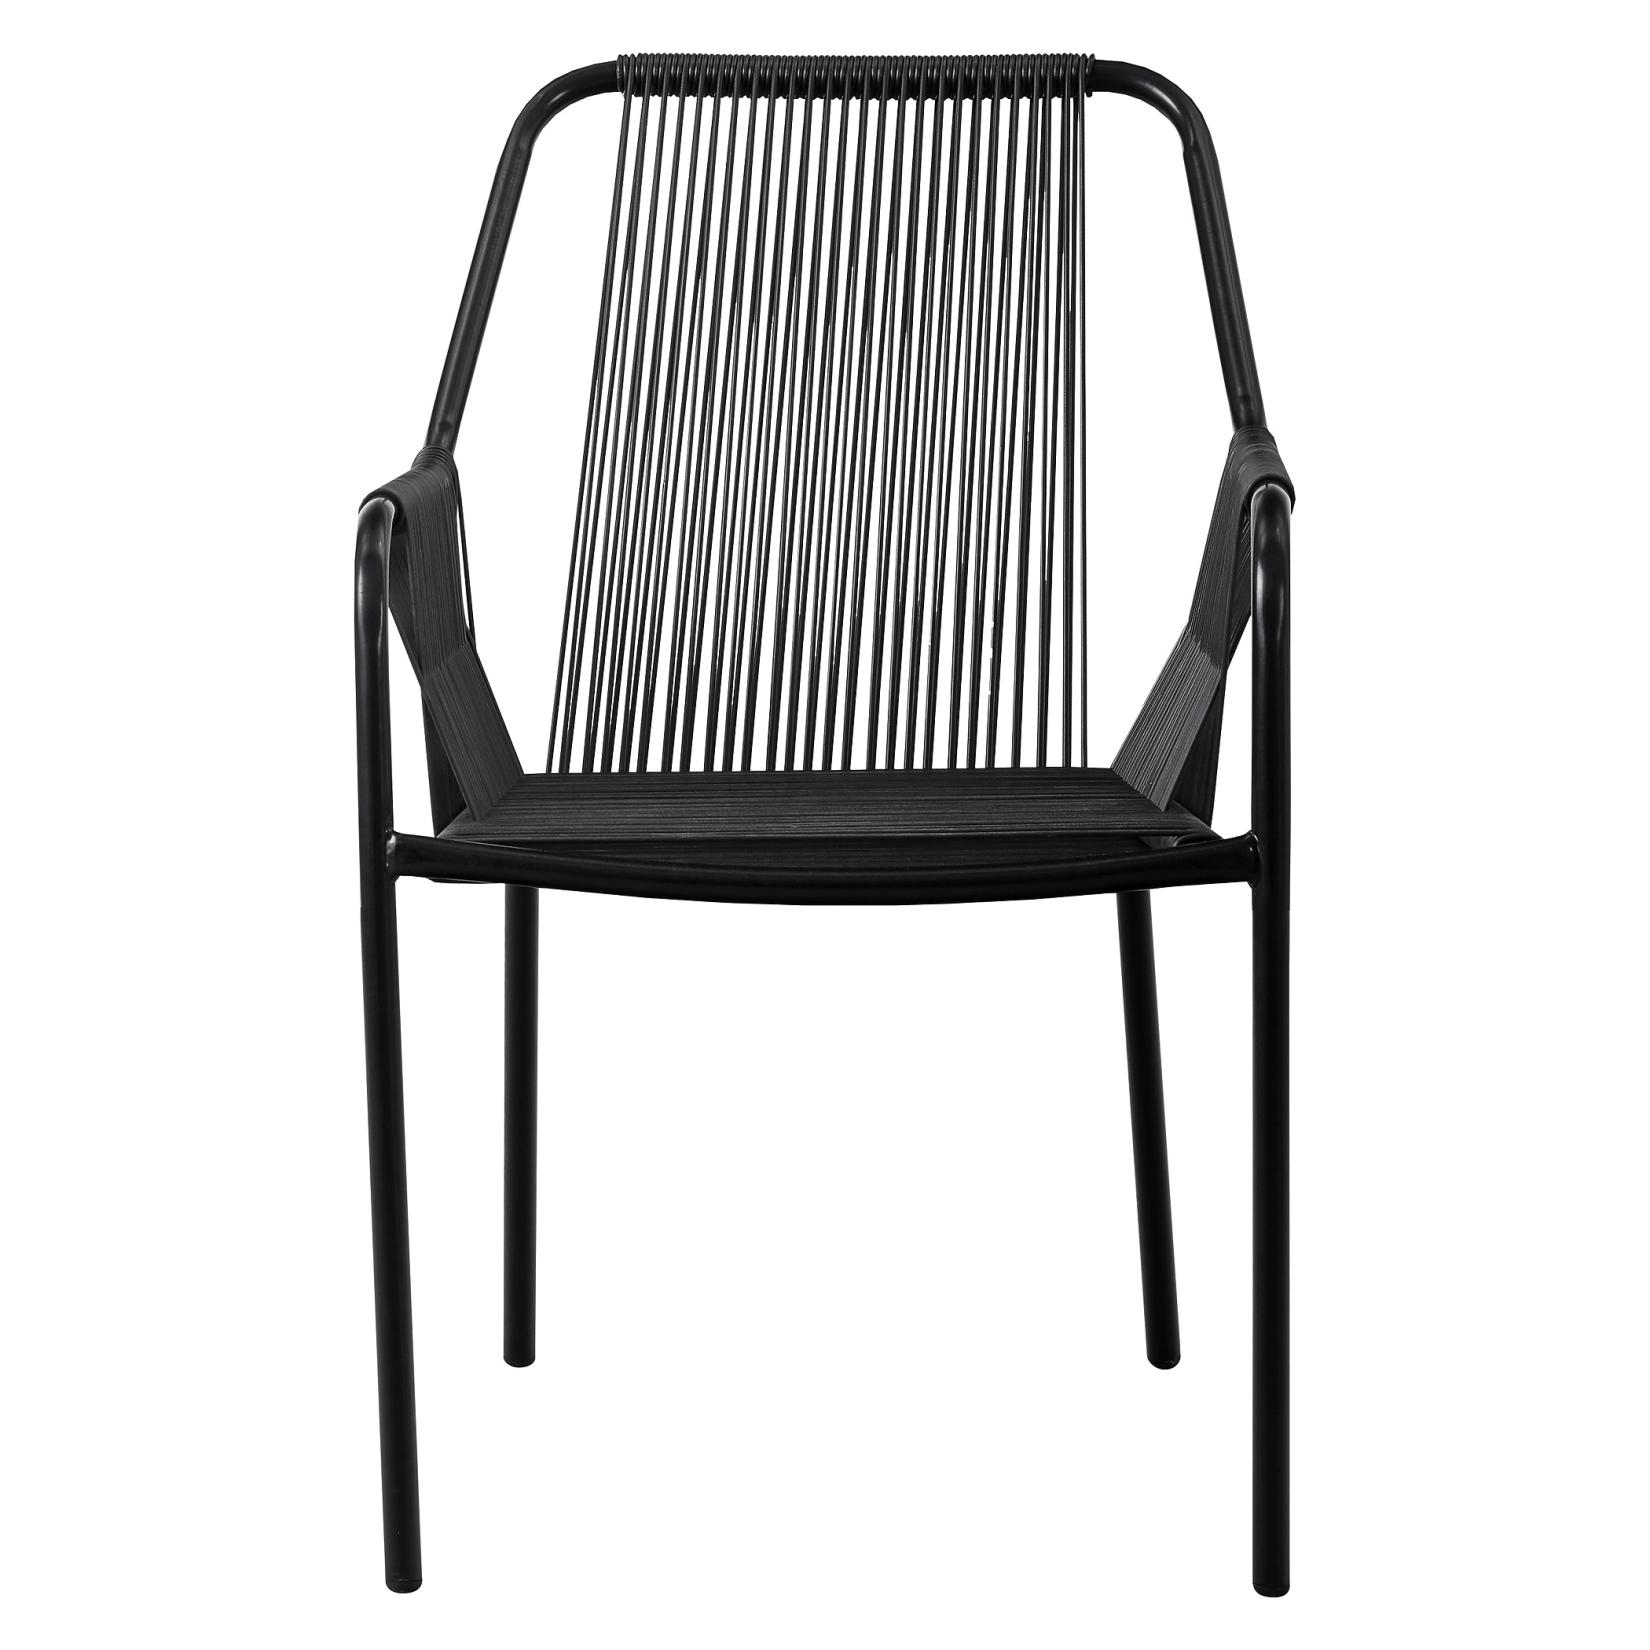 garten sitzm bel gartenst hle sofas villatmo de. Black Bedroom Furniture Sets. Home Design Ideas